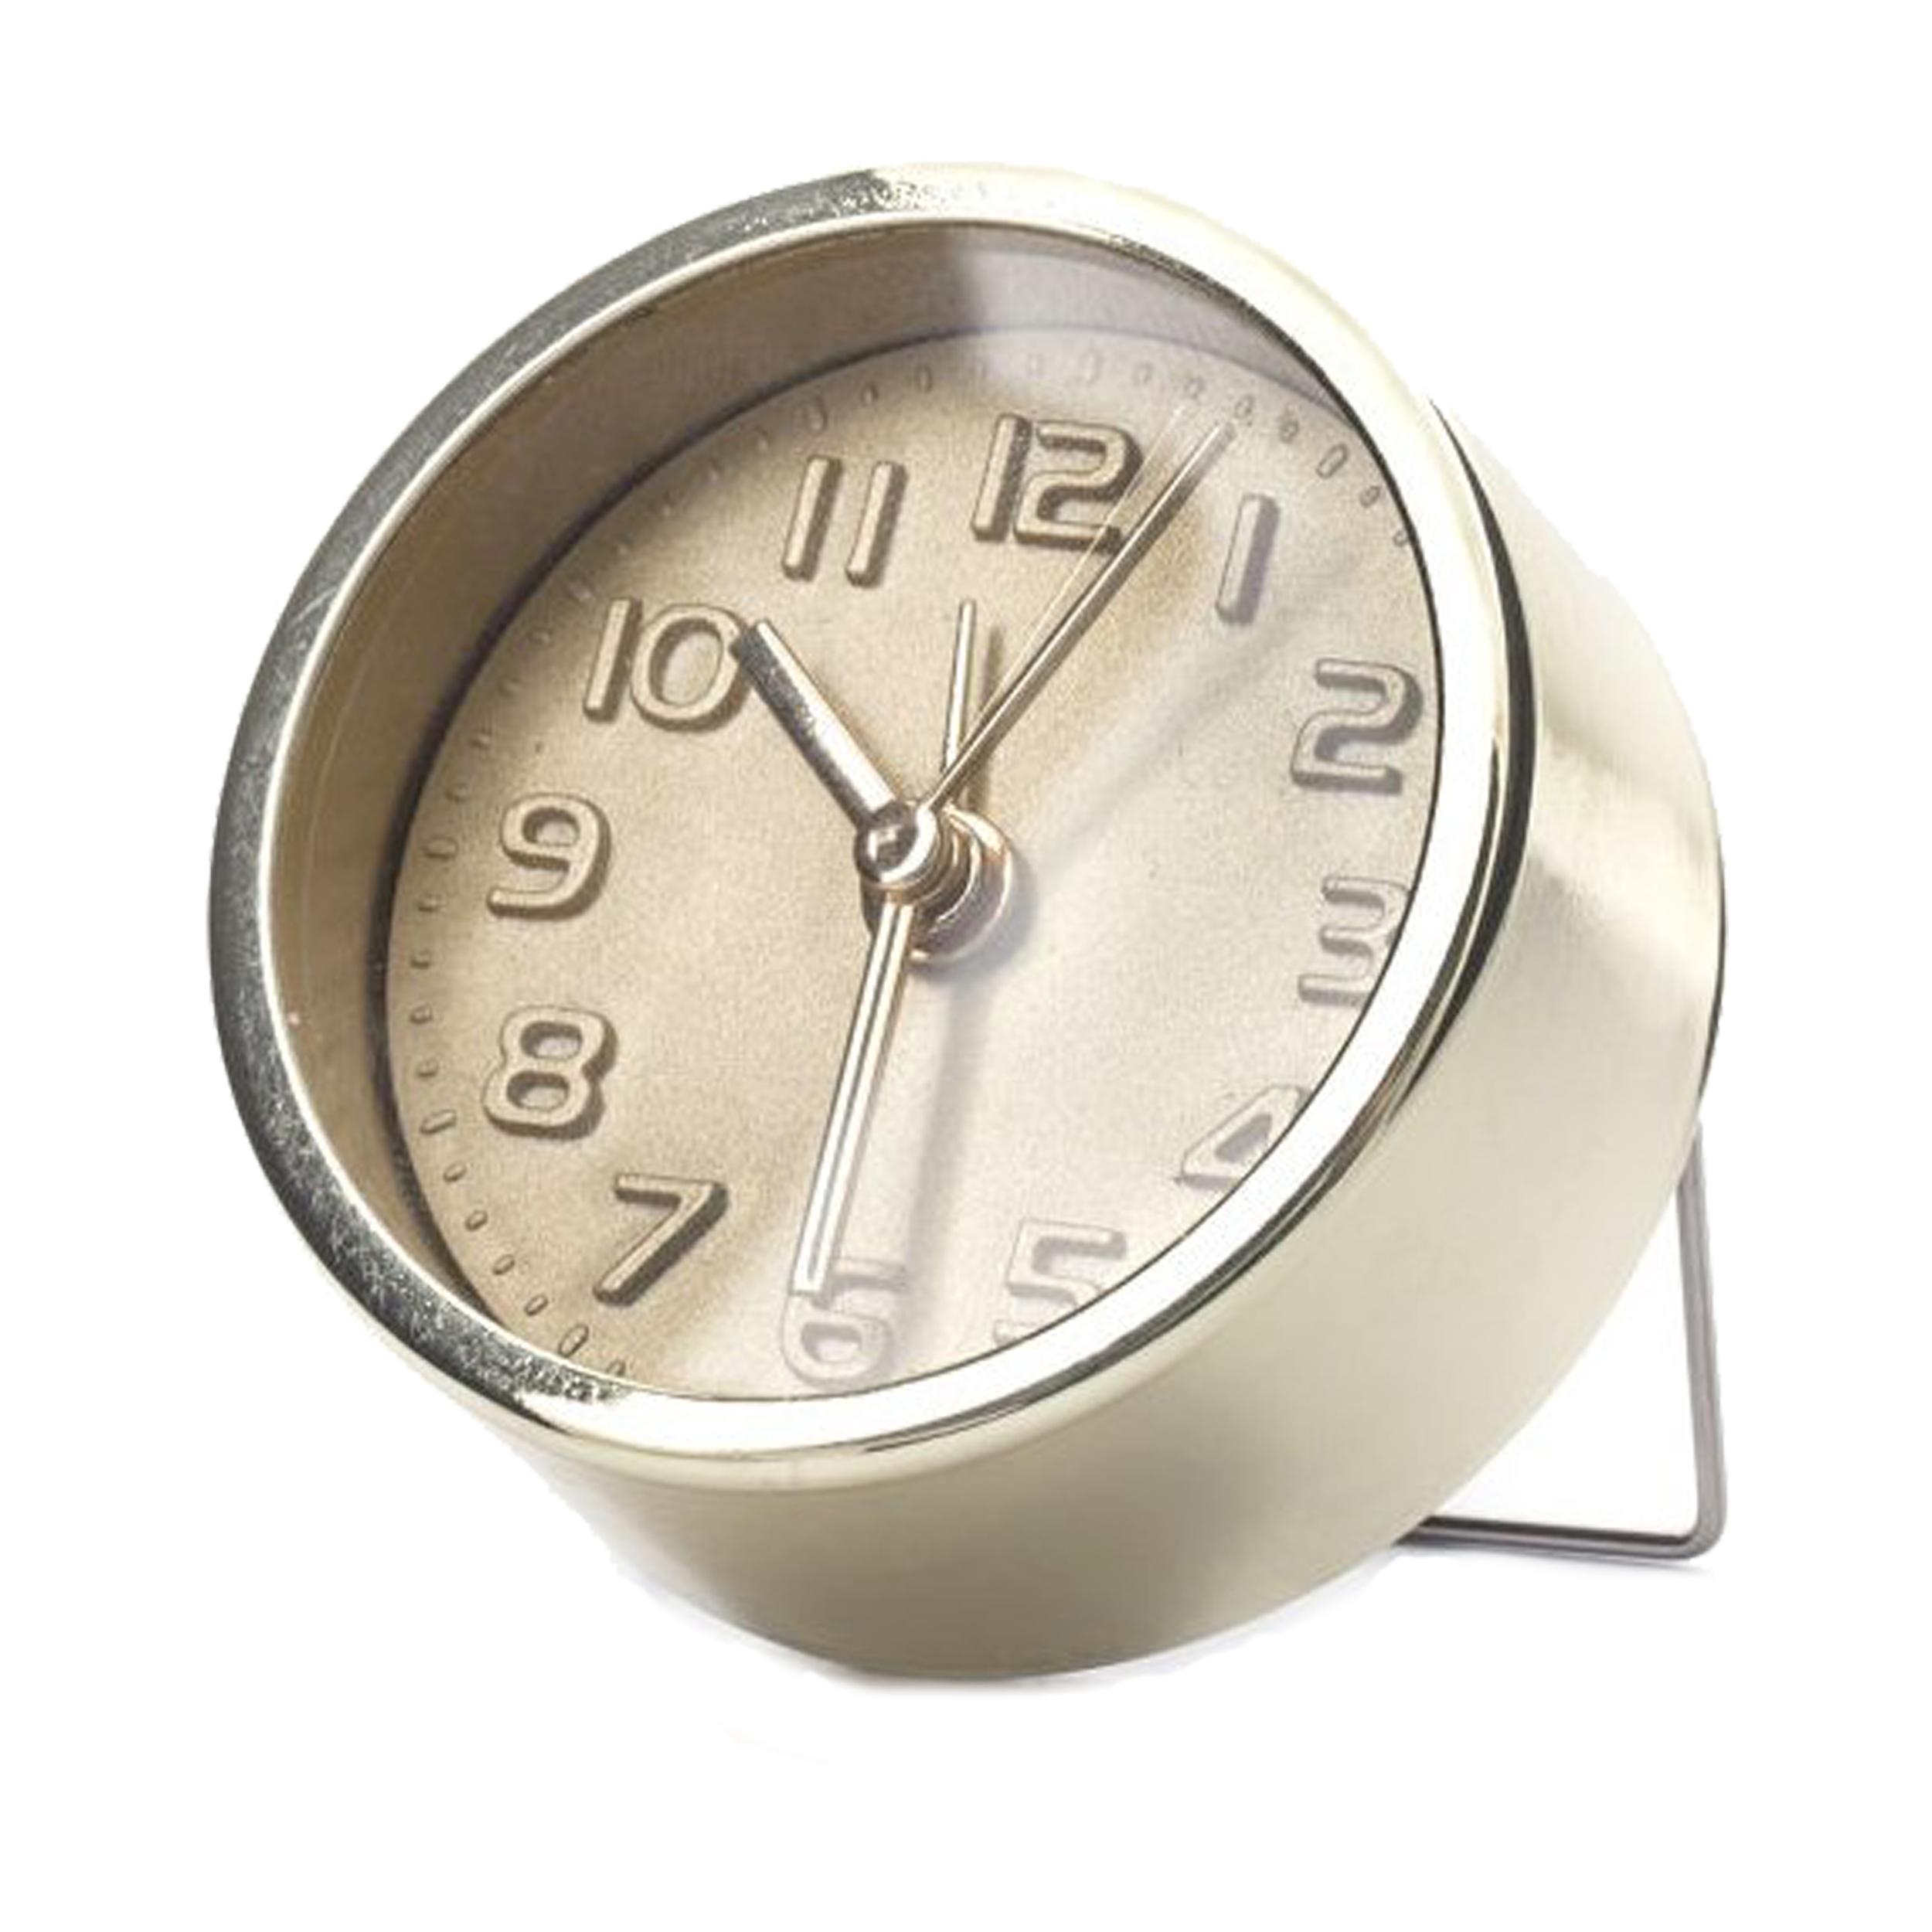 ساعت رومیزی کیکرلند مدل AC10-A